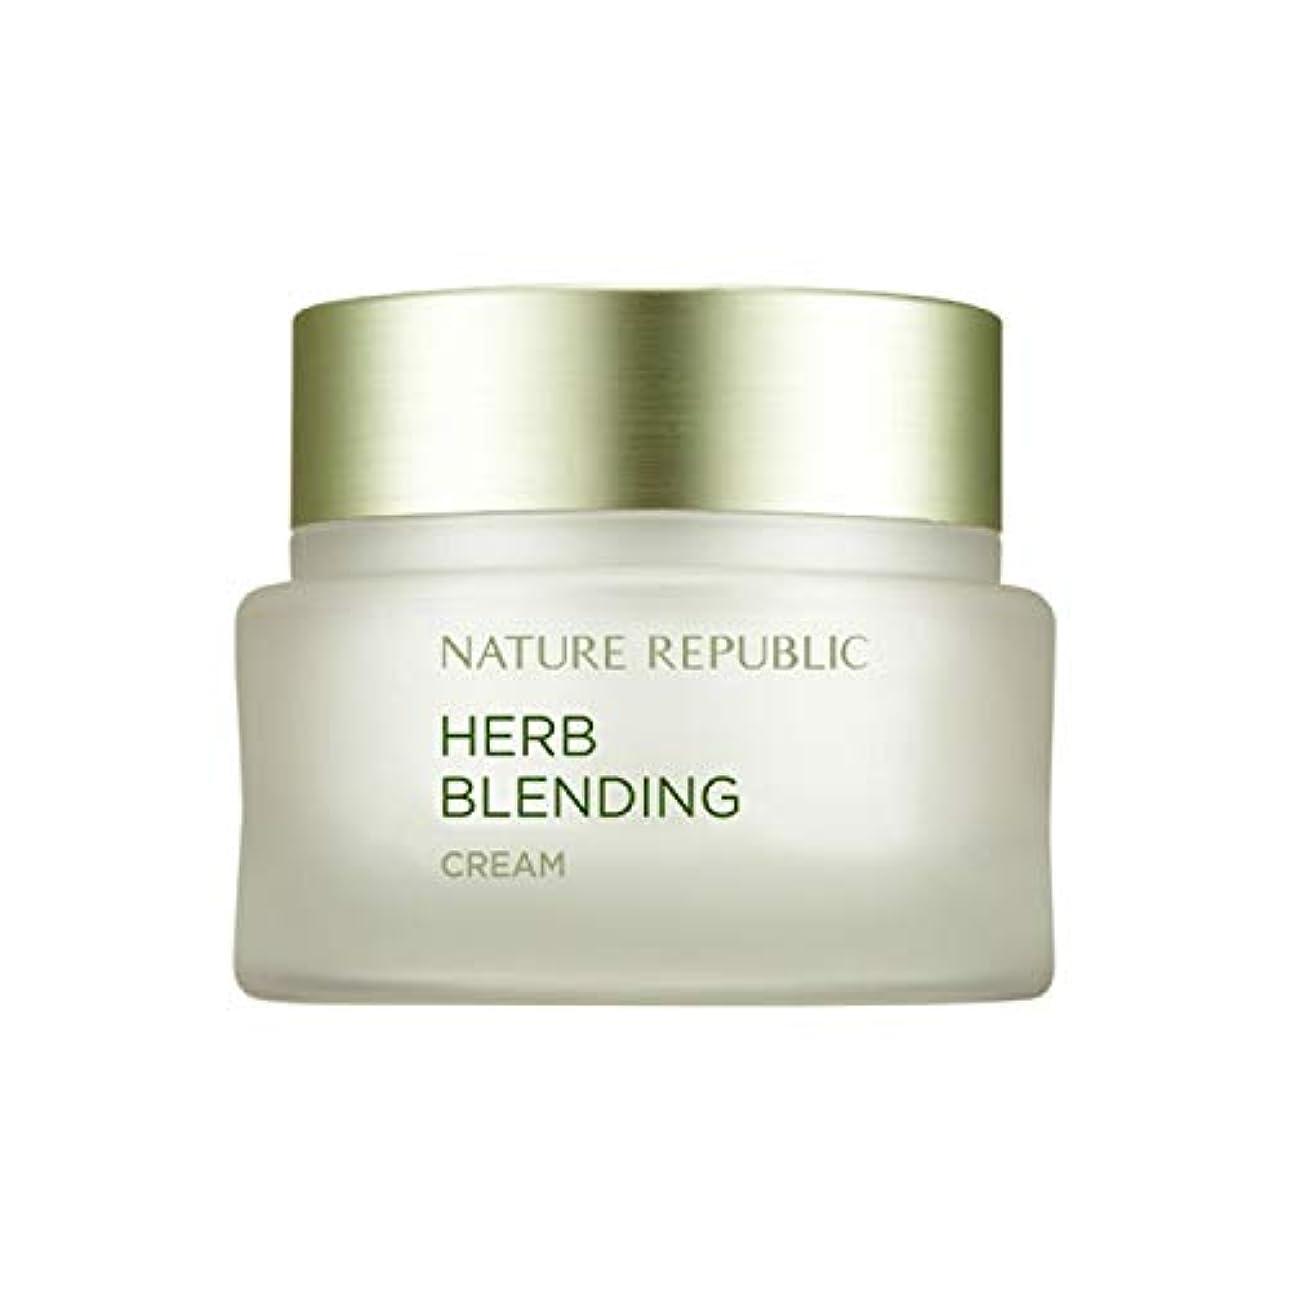 パウダー振り向くマラソンネイチャーリパブリック(Nature Republic)ハブブレンドクリーム 50ml / Herb Blending Cream 50ml :: 韓国コスメ [並行輸入品]